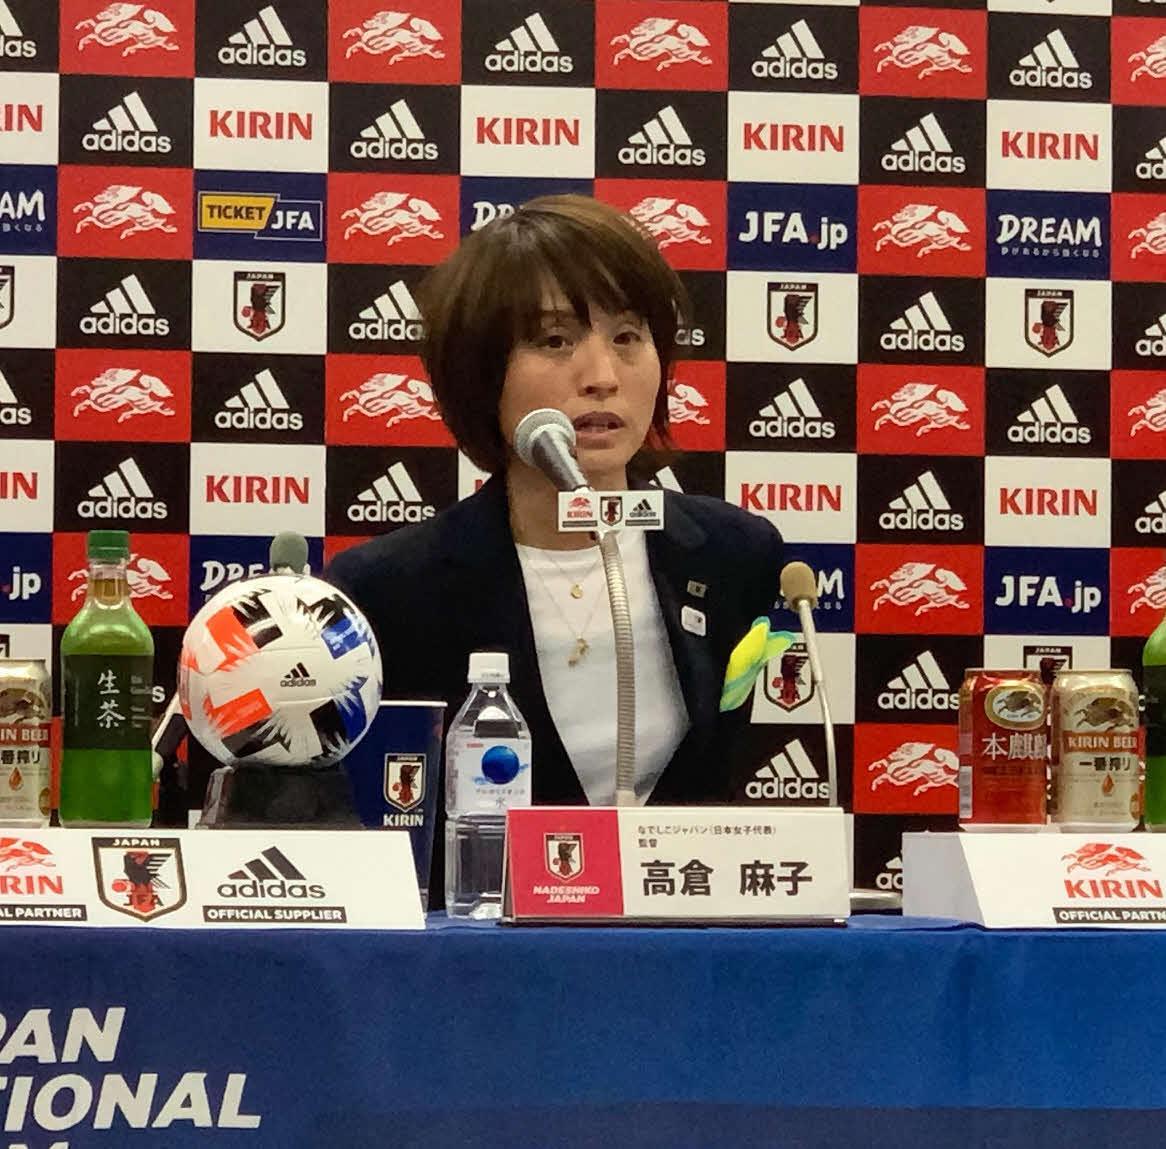 シービリーブス杯に臨むメンバーを発表した、なでしこジャパンの高倉監督(撮影・松尾幸之介)